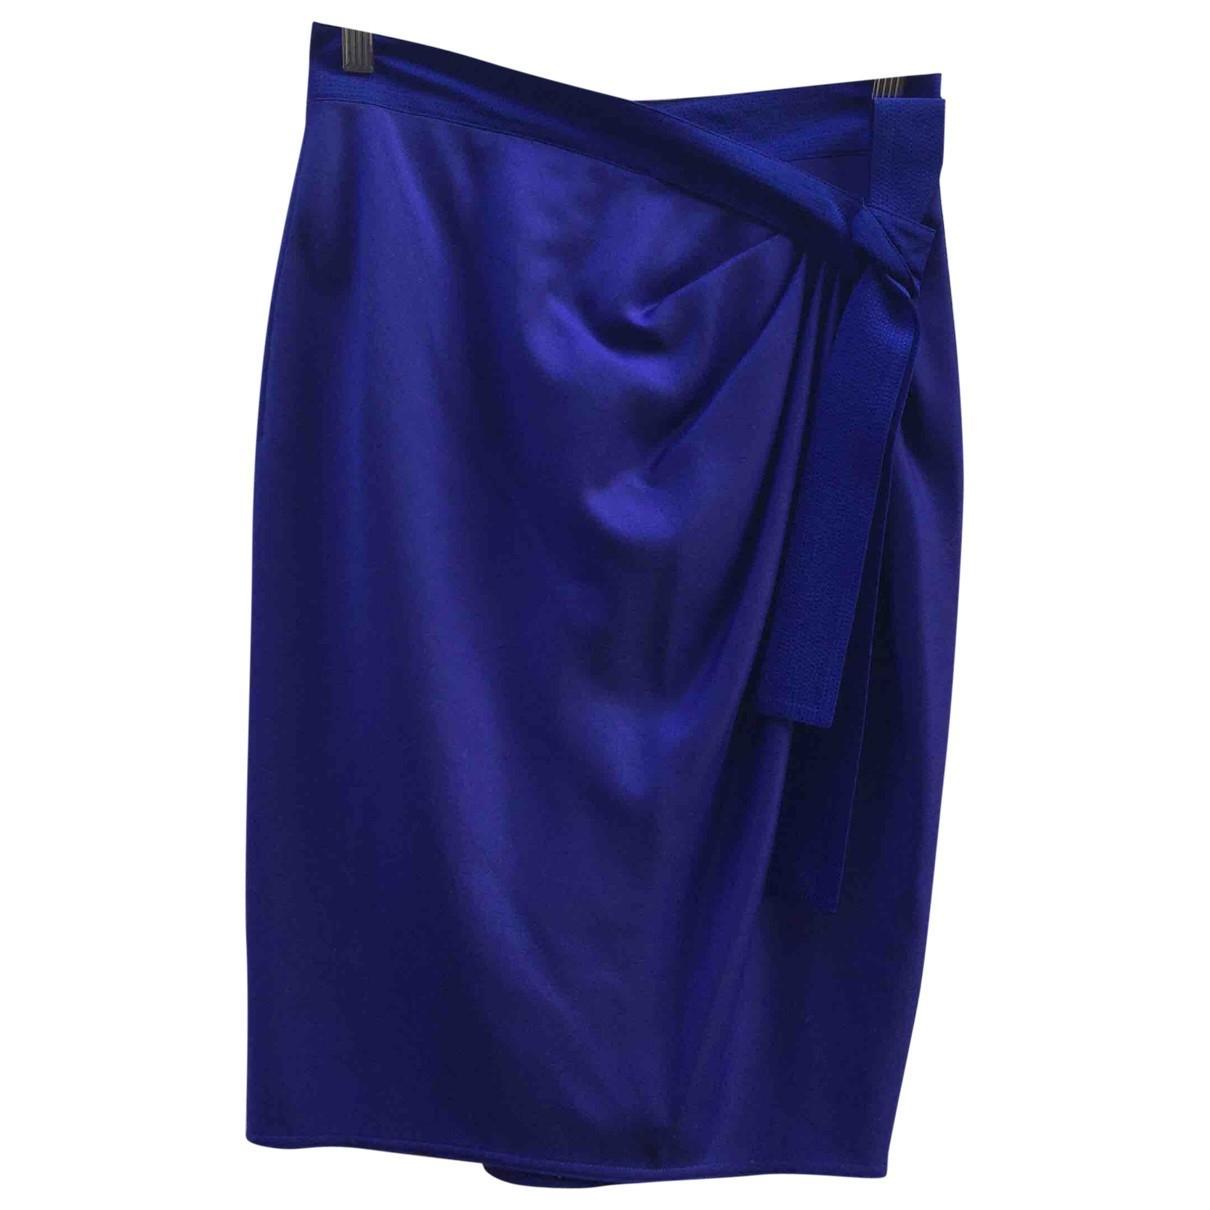 Versace Rock aus Wolle in Blau - Sparen Sie 38%